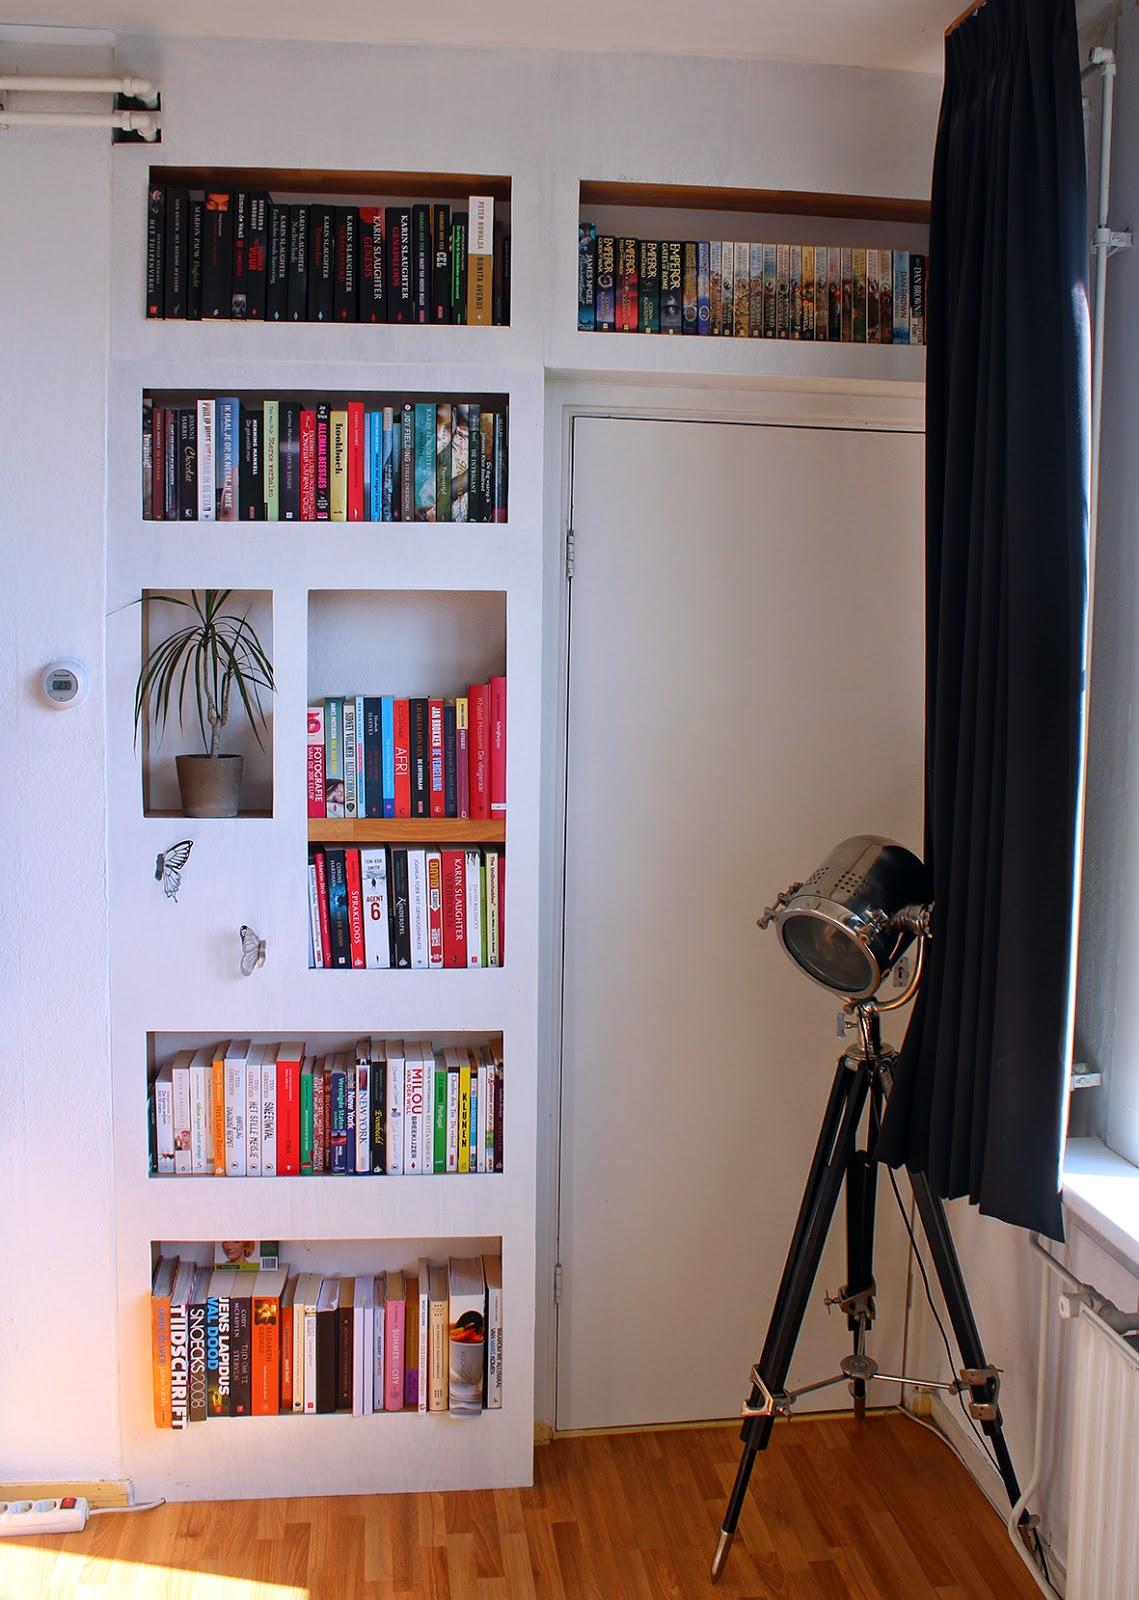 Boekenrek Tegen Muur.Kleine Boekenkast Introductie With Kleine Boekenkast Tegen Deze